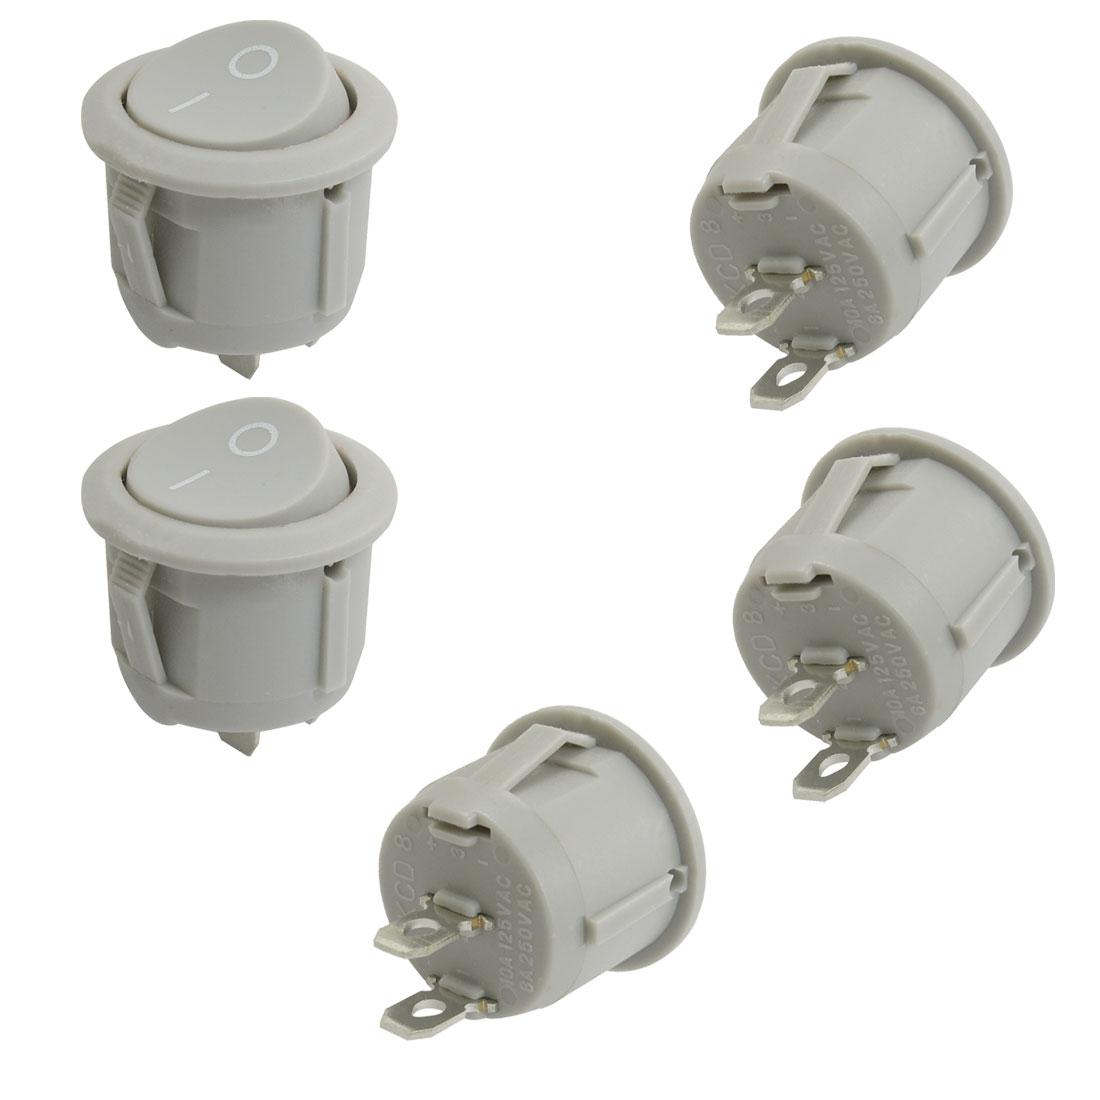 5 Pcs Round Gray SPST On/Off Rocker Switch AC 250V/6A 125V/10A